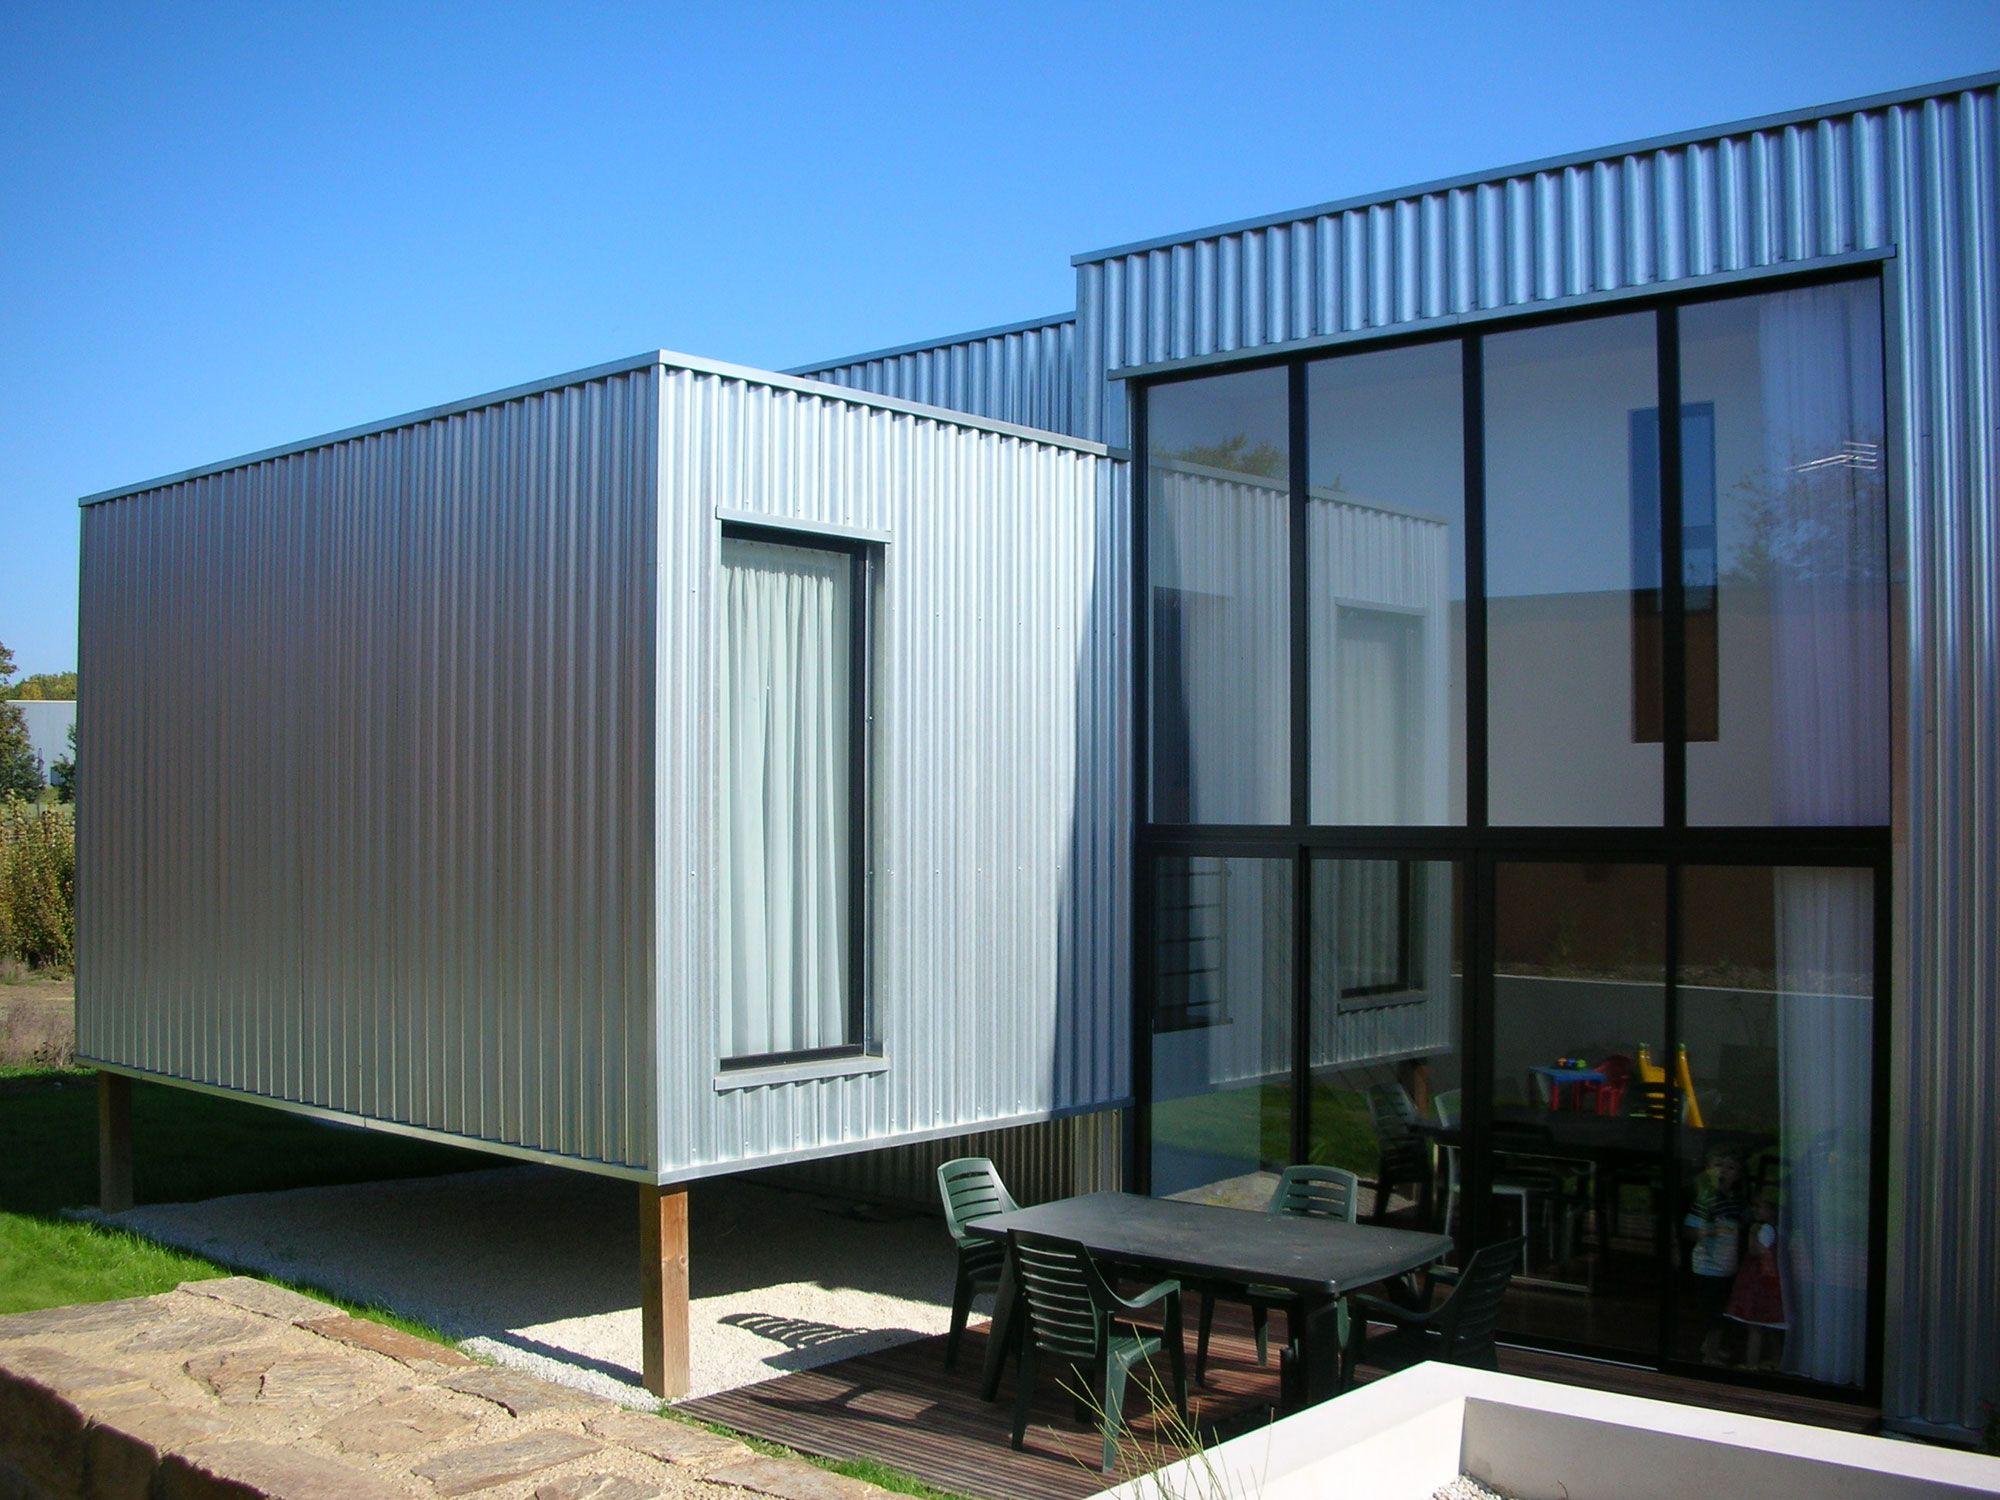 Maison Container Rennes Design De Maison maison container rennes ...